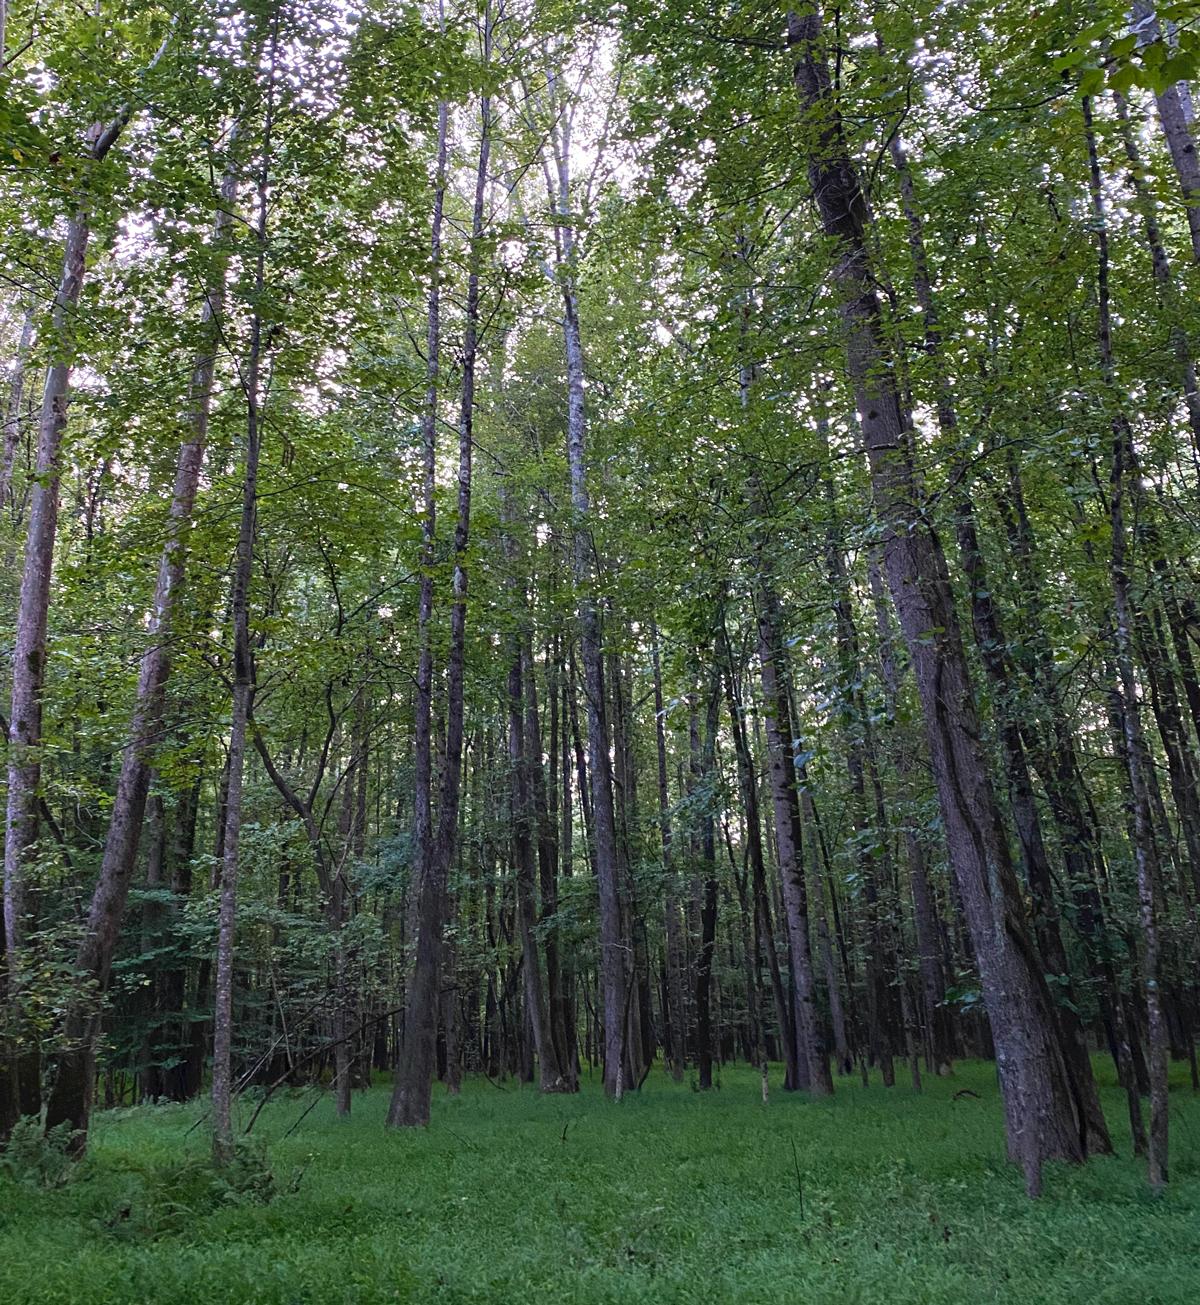 Lionel Hampton–Beecher Hills Nature Preserve